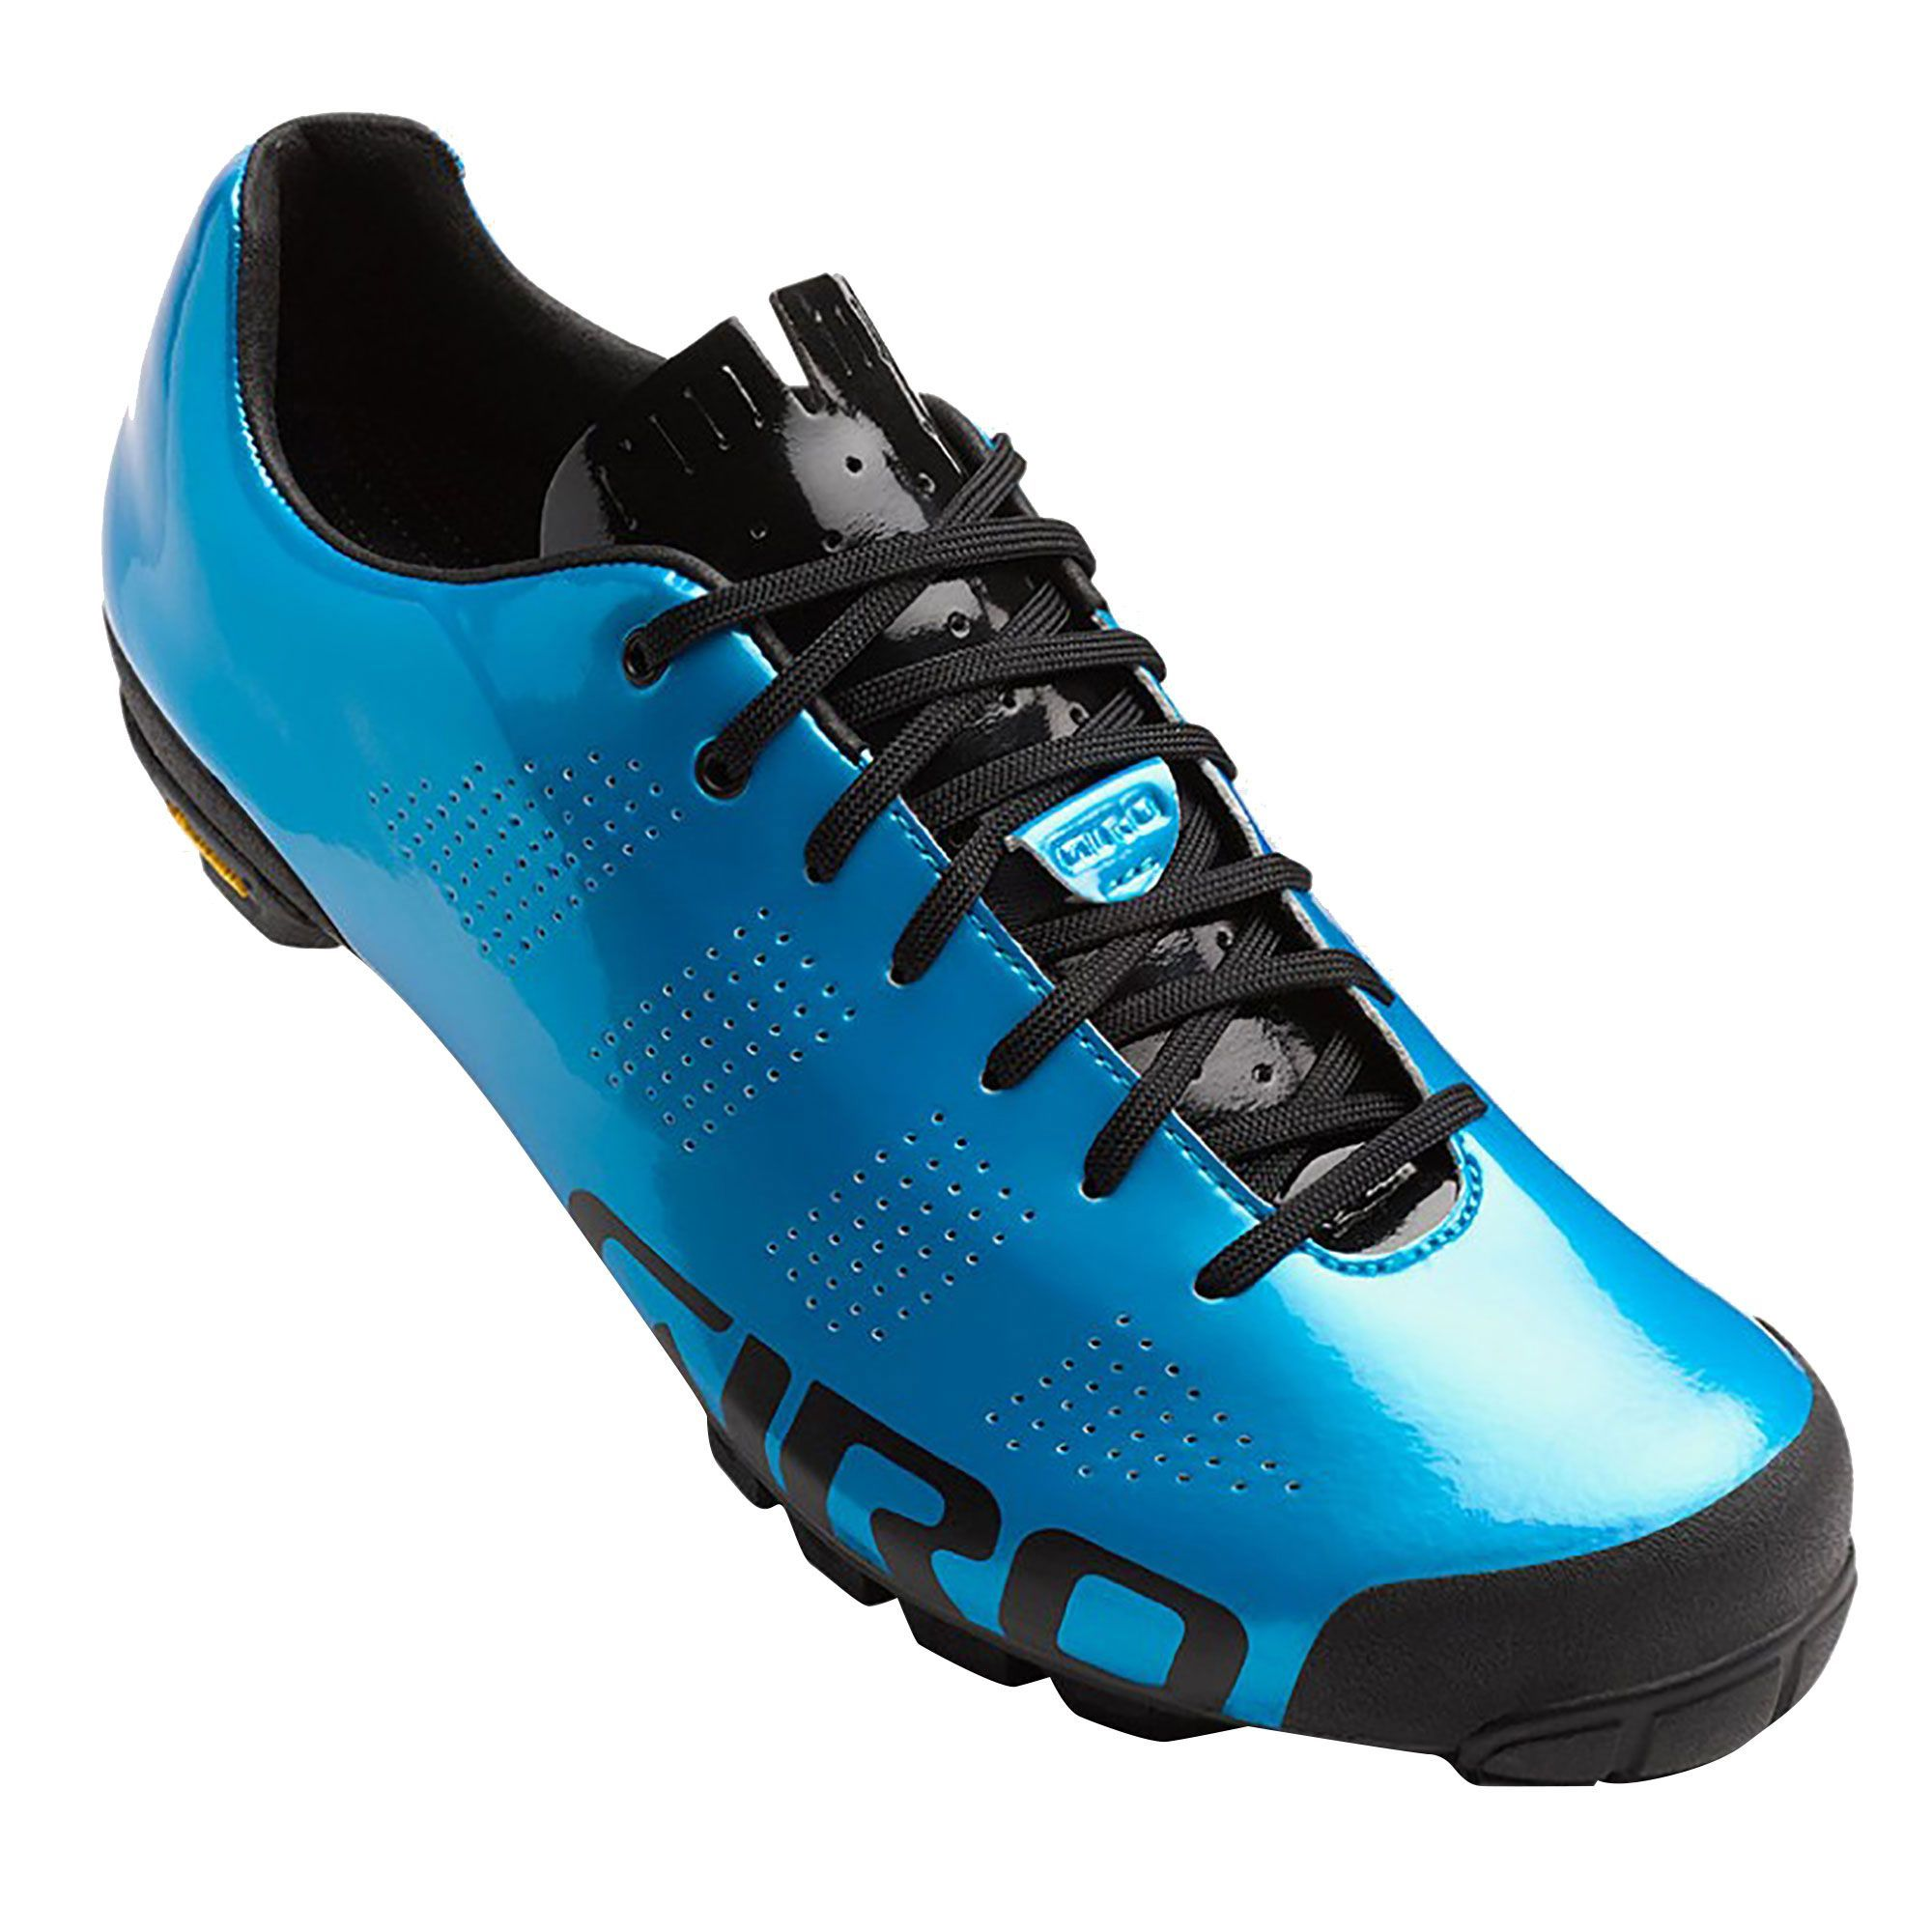 Giro Empire VR90 Mountain Bike Shoes Cycling shoes men